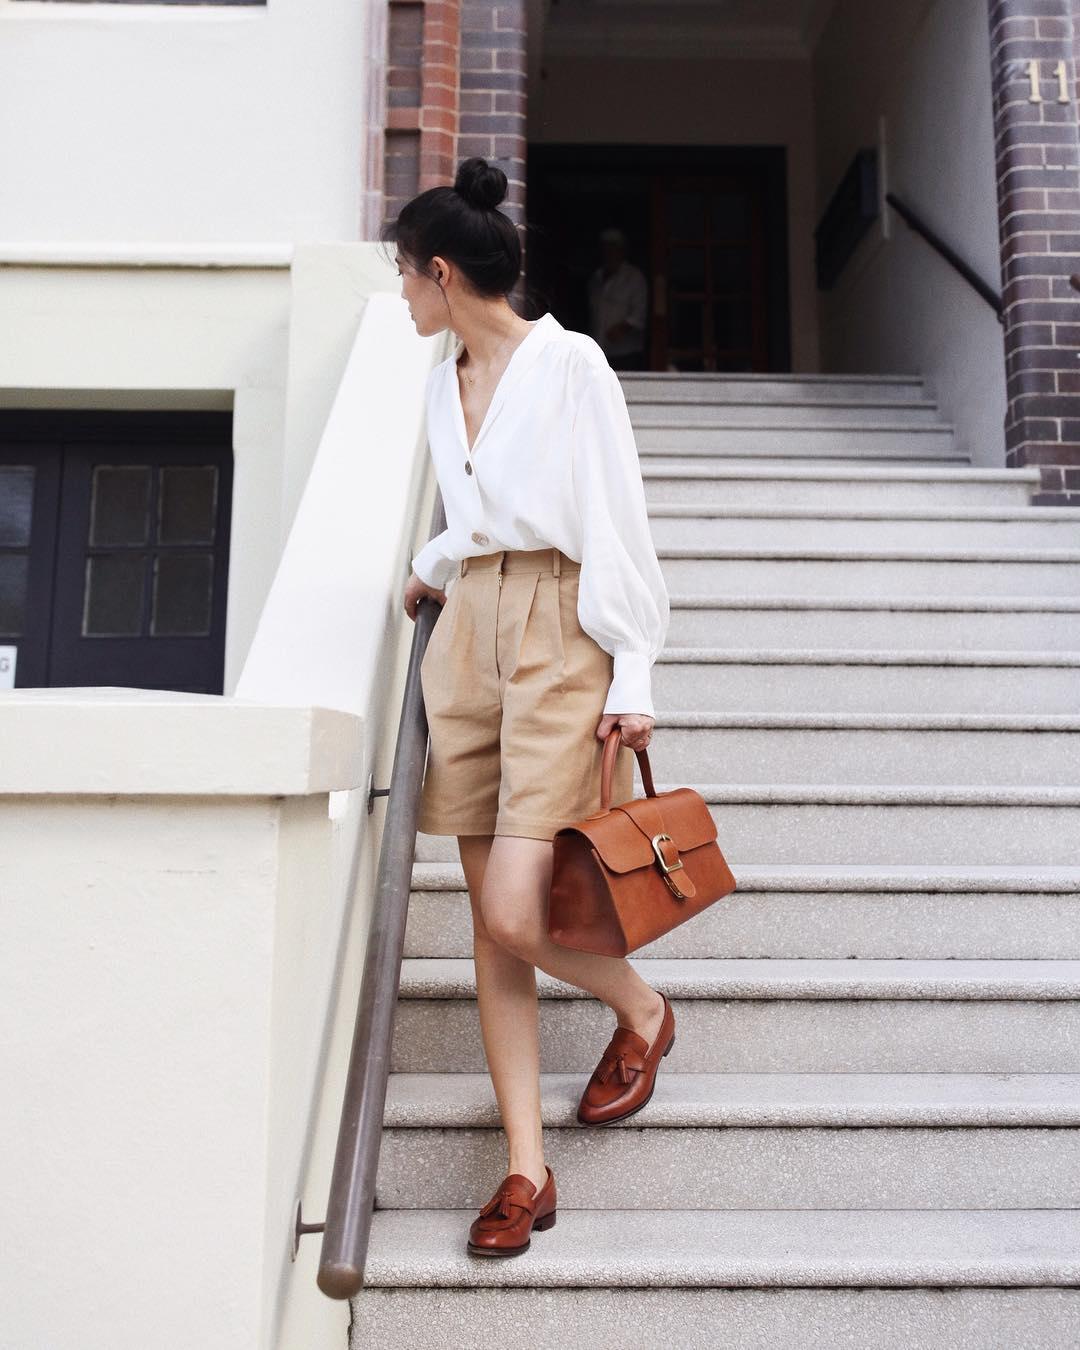 Kết hợp quần shorts cùng áo sơ mi phong cách smart casual